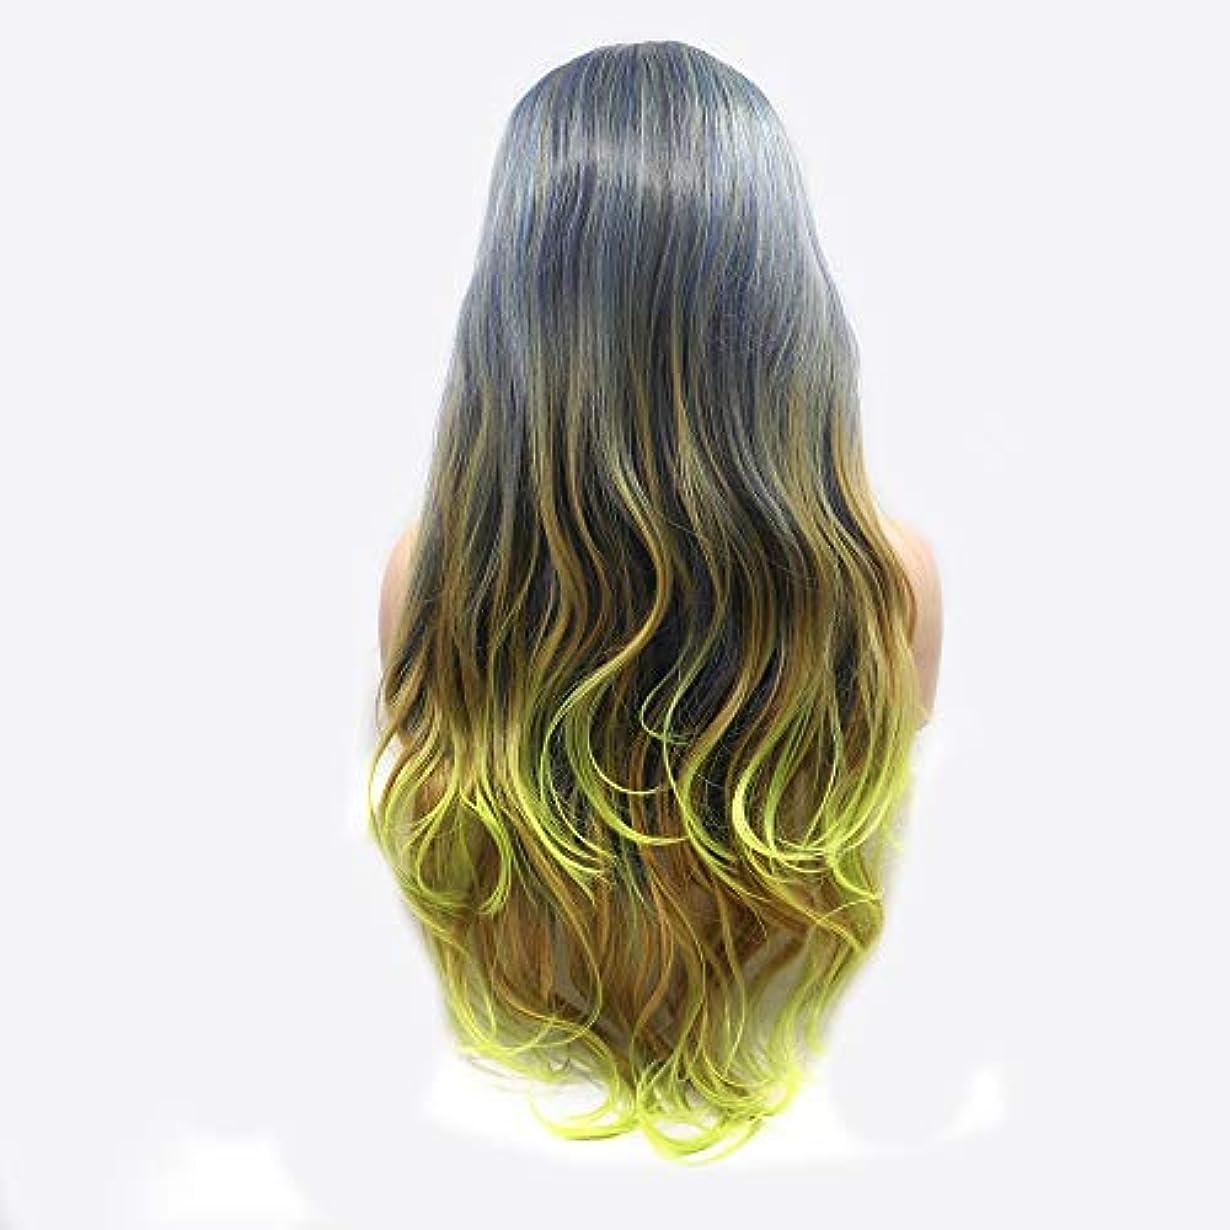 デイジーアブストラクト事実ヘアピース 中間の長い髪の巻き毛のかつらレディース手作りレースヨーロッパとアメリカのかつらセットでホットグレーグリーンイオン